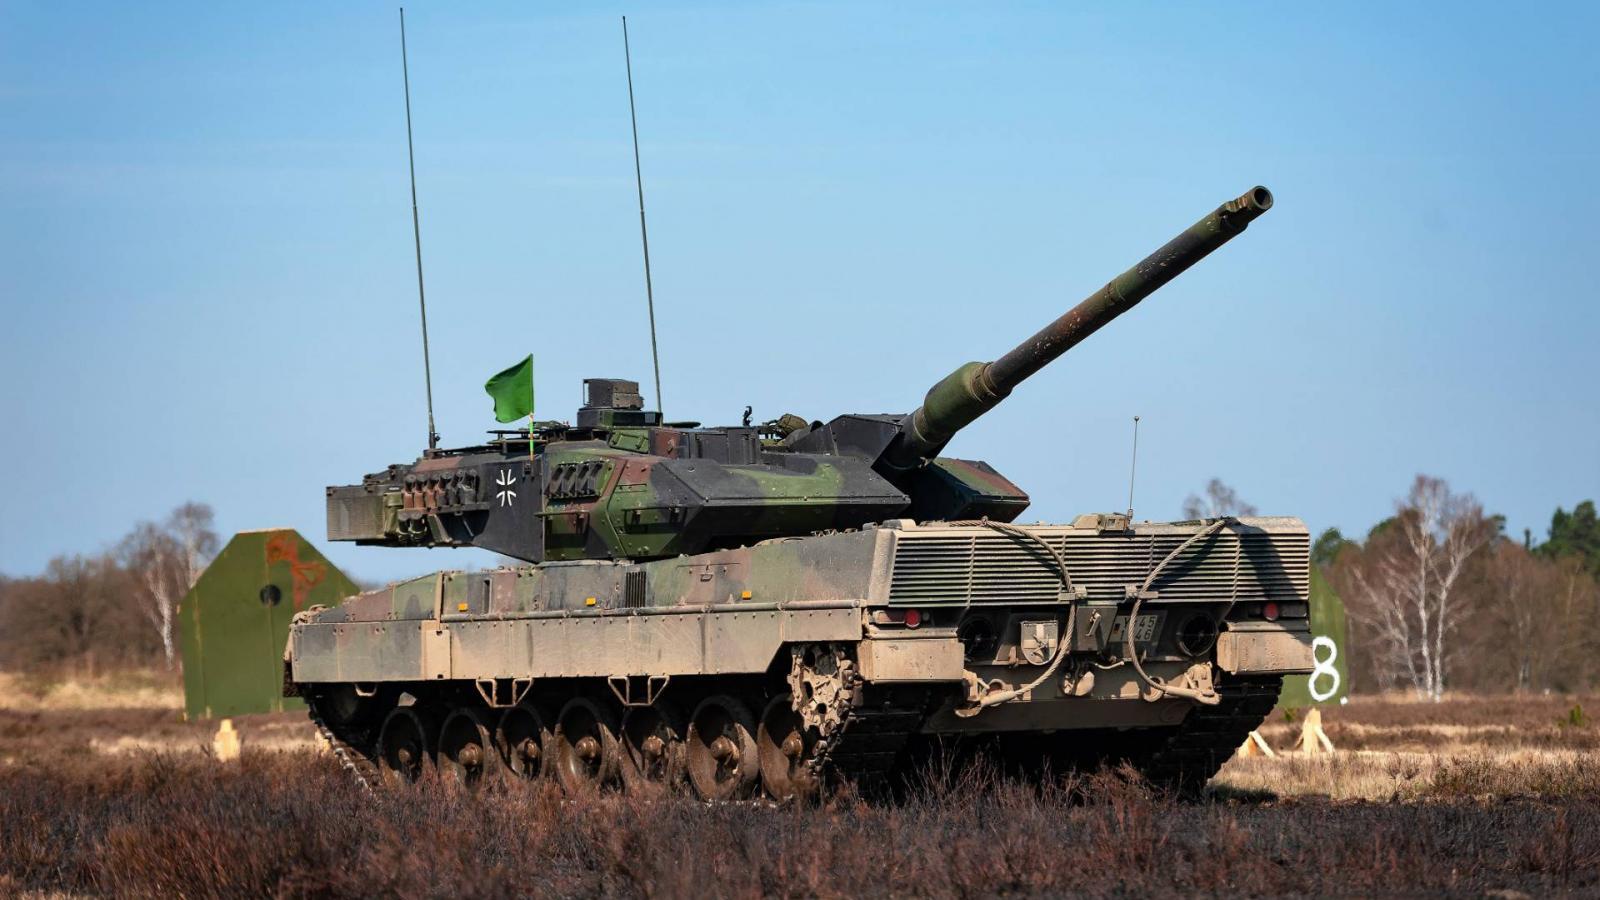 b4fbed800c Hiába költött a kormány százmilliárdokat katonai fejlesztésre, csak álom  marad az önvédelem